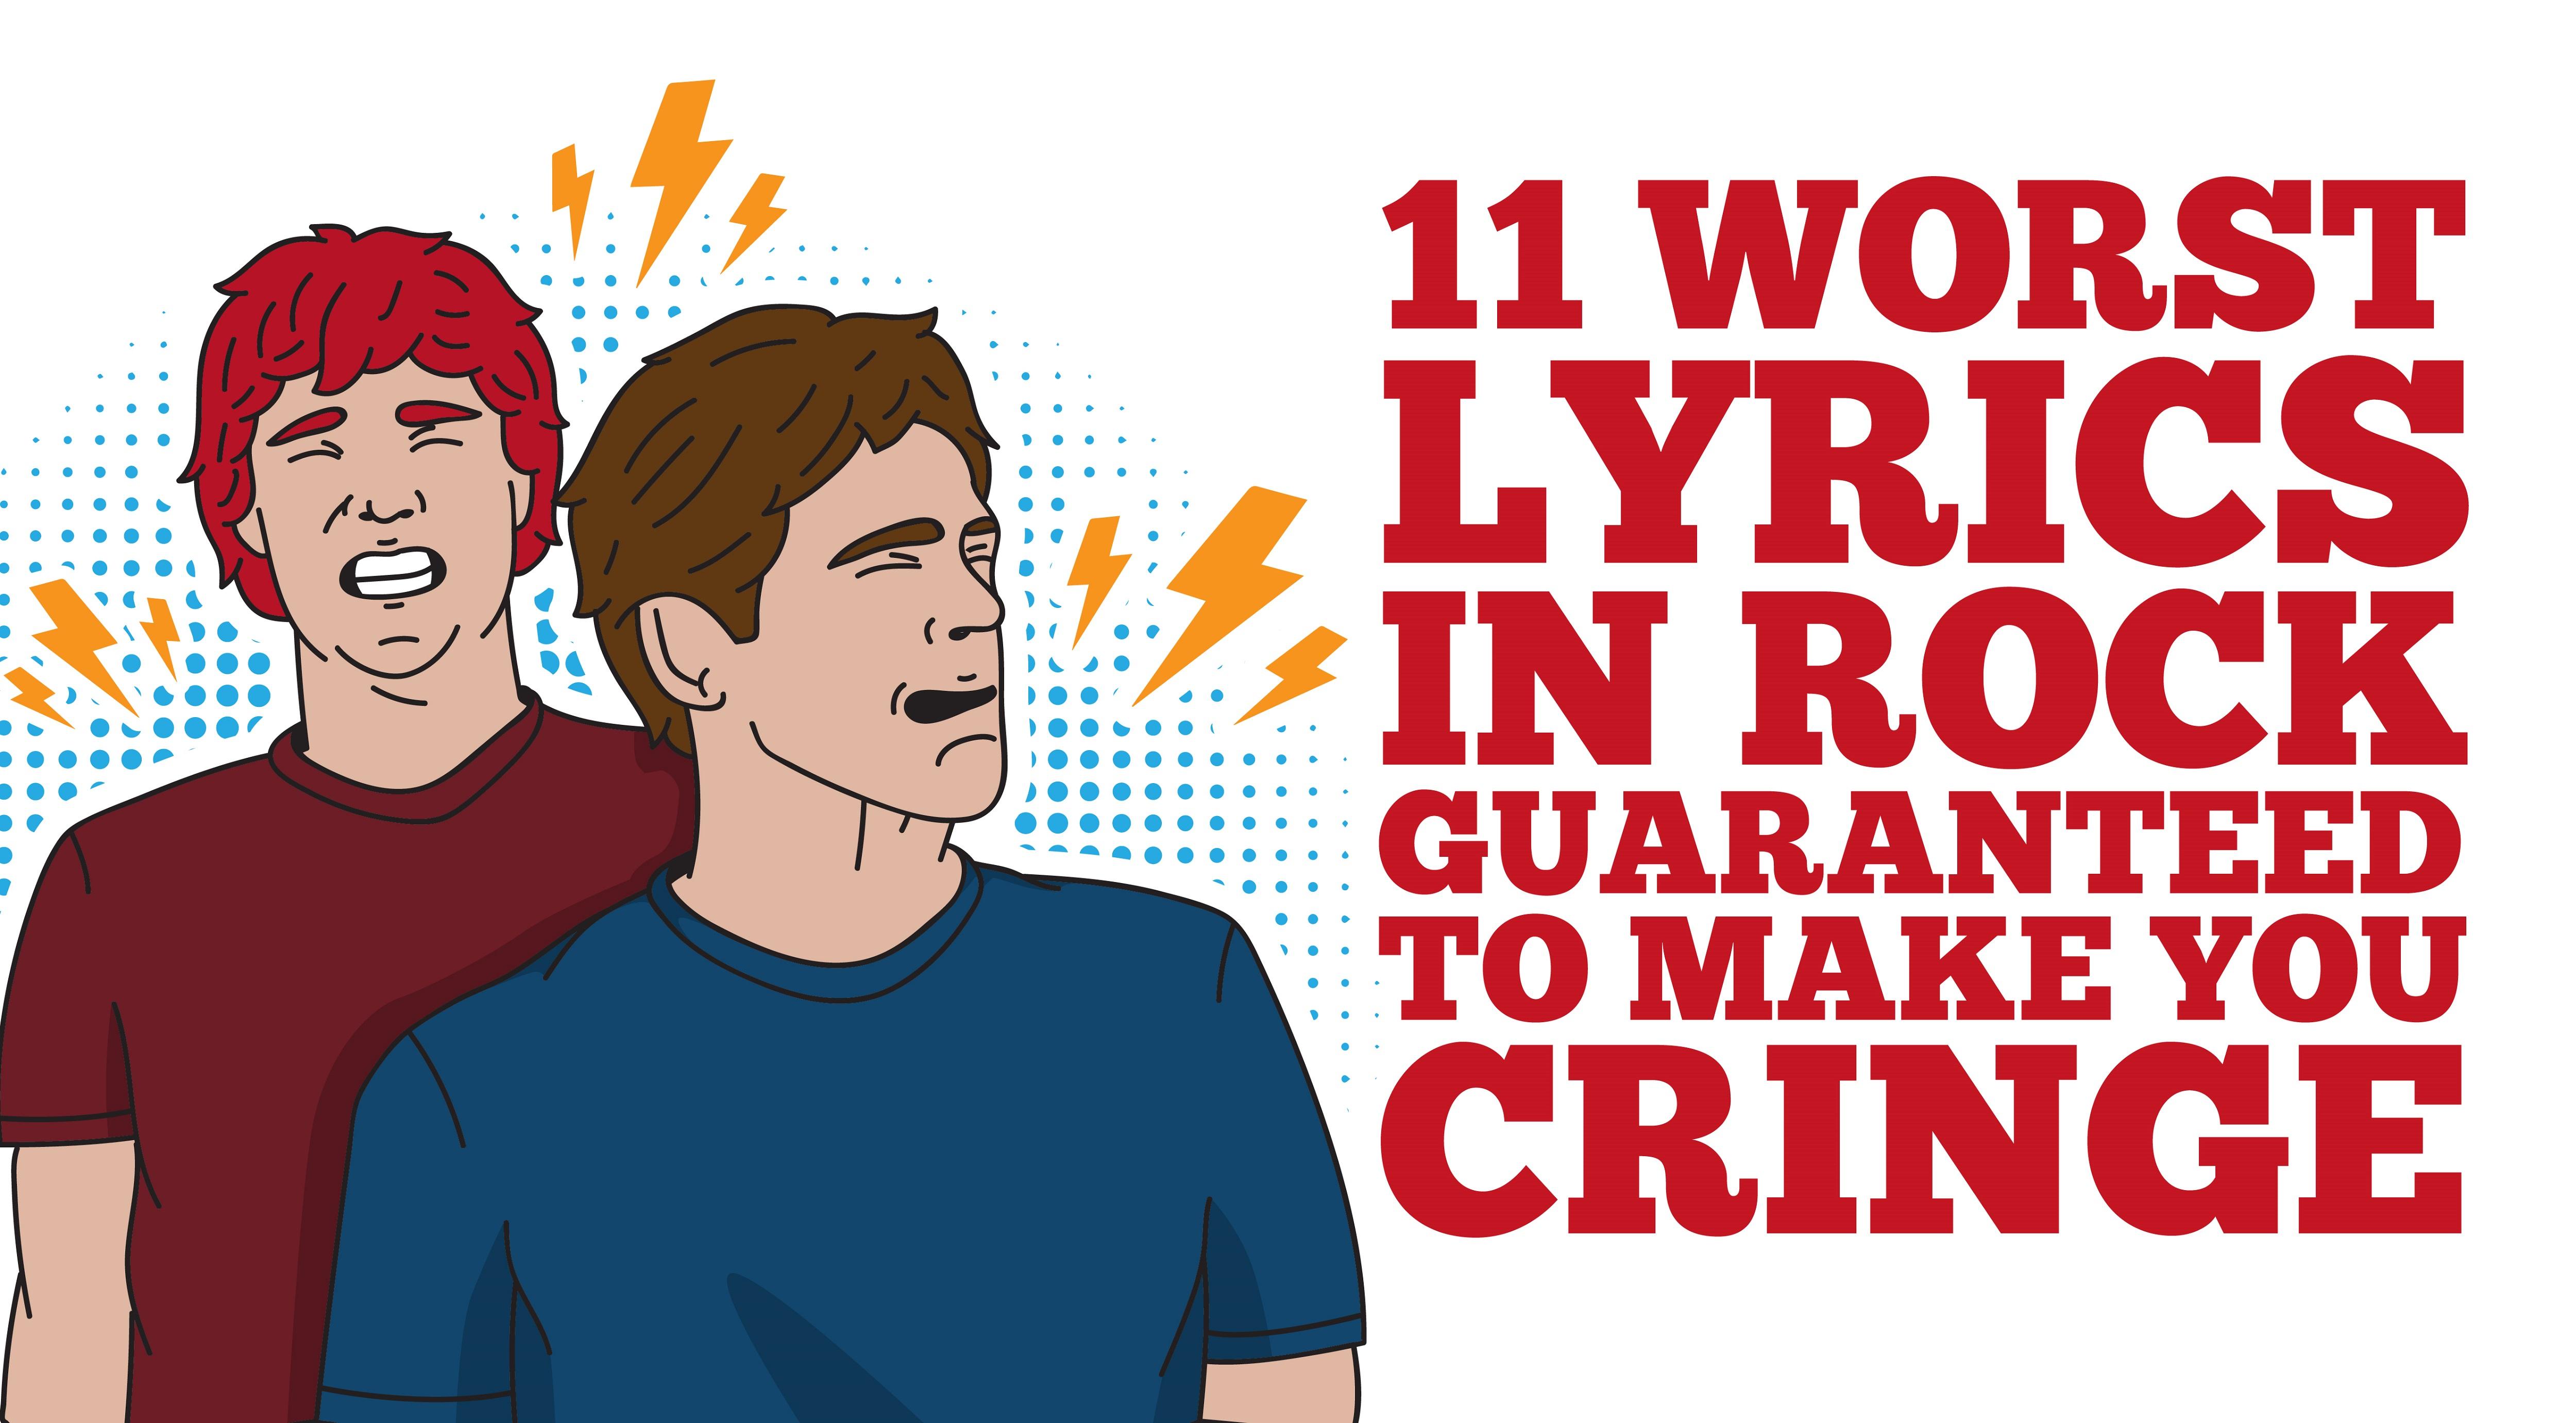 11 Worst Lyrics In Rock Guaranteed To Make You Cringe - I